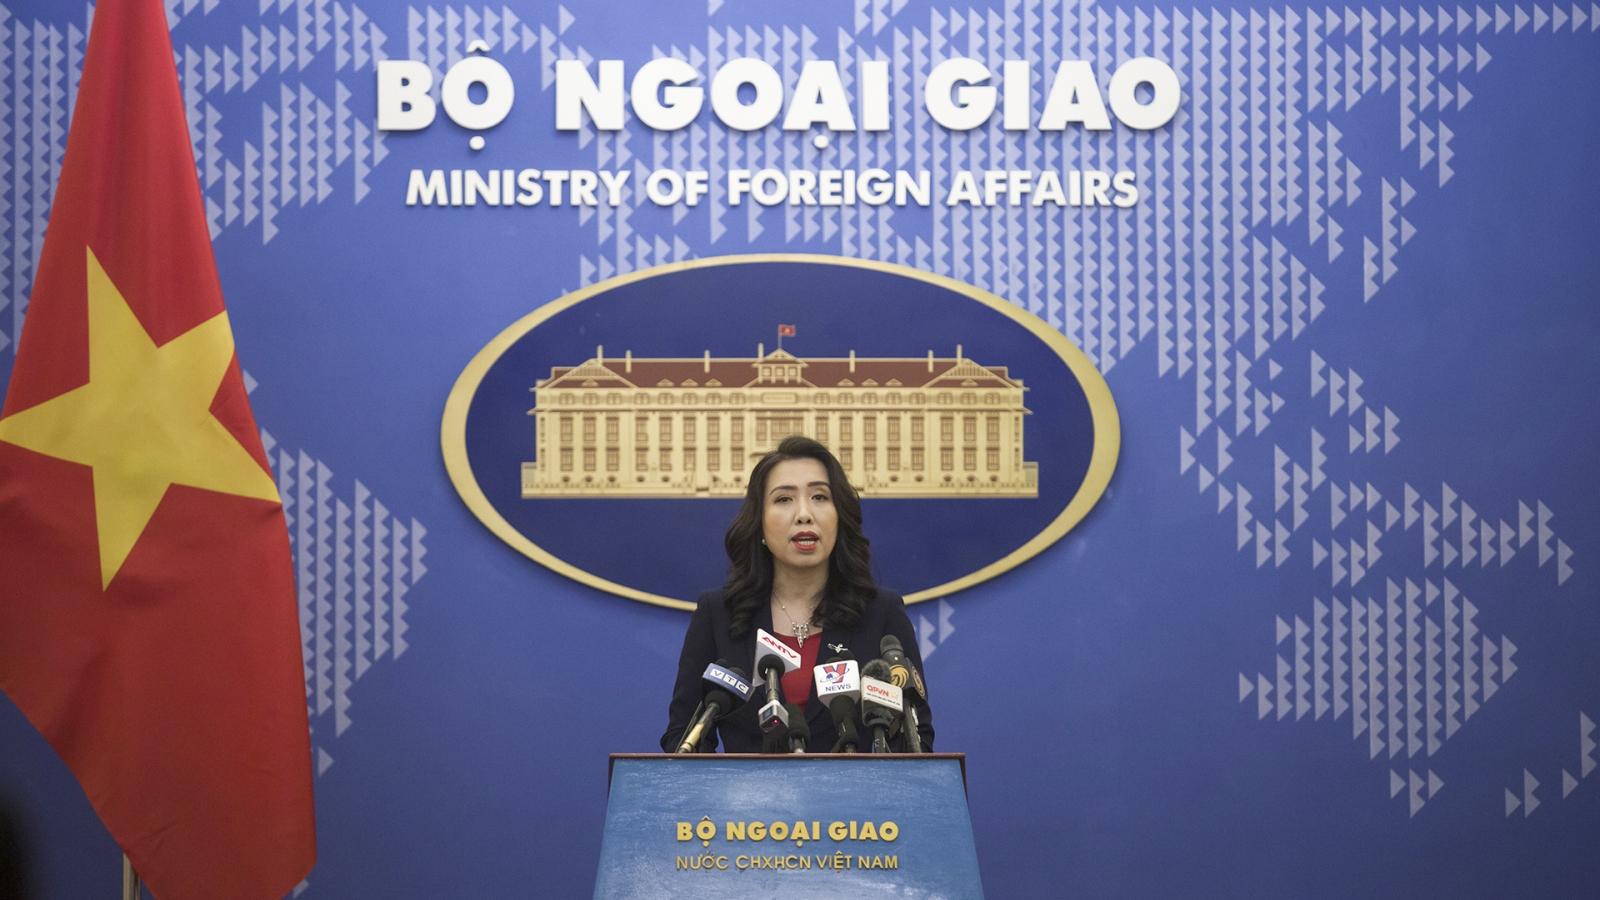 Việt Nam yêu cầu Trung Quốc hủy bỏ, chấm dứt các chuyến du lịch ra Hoàng Sa